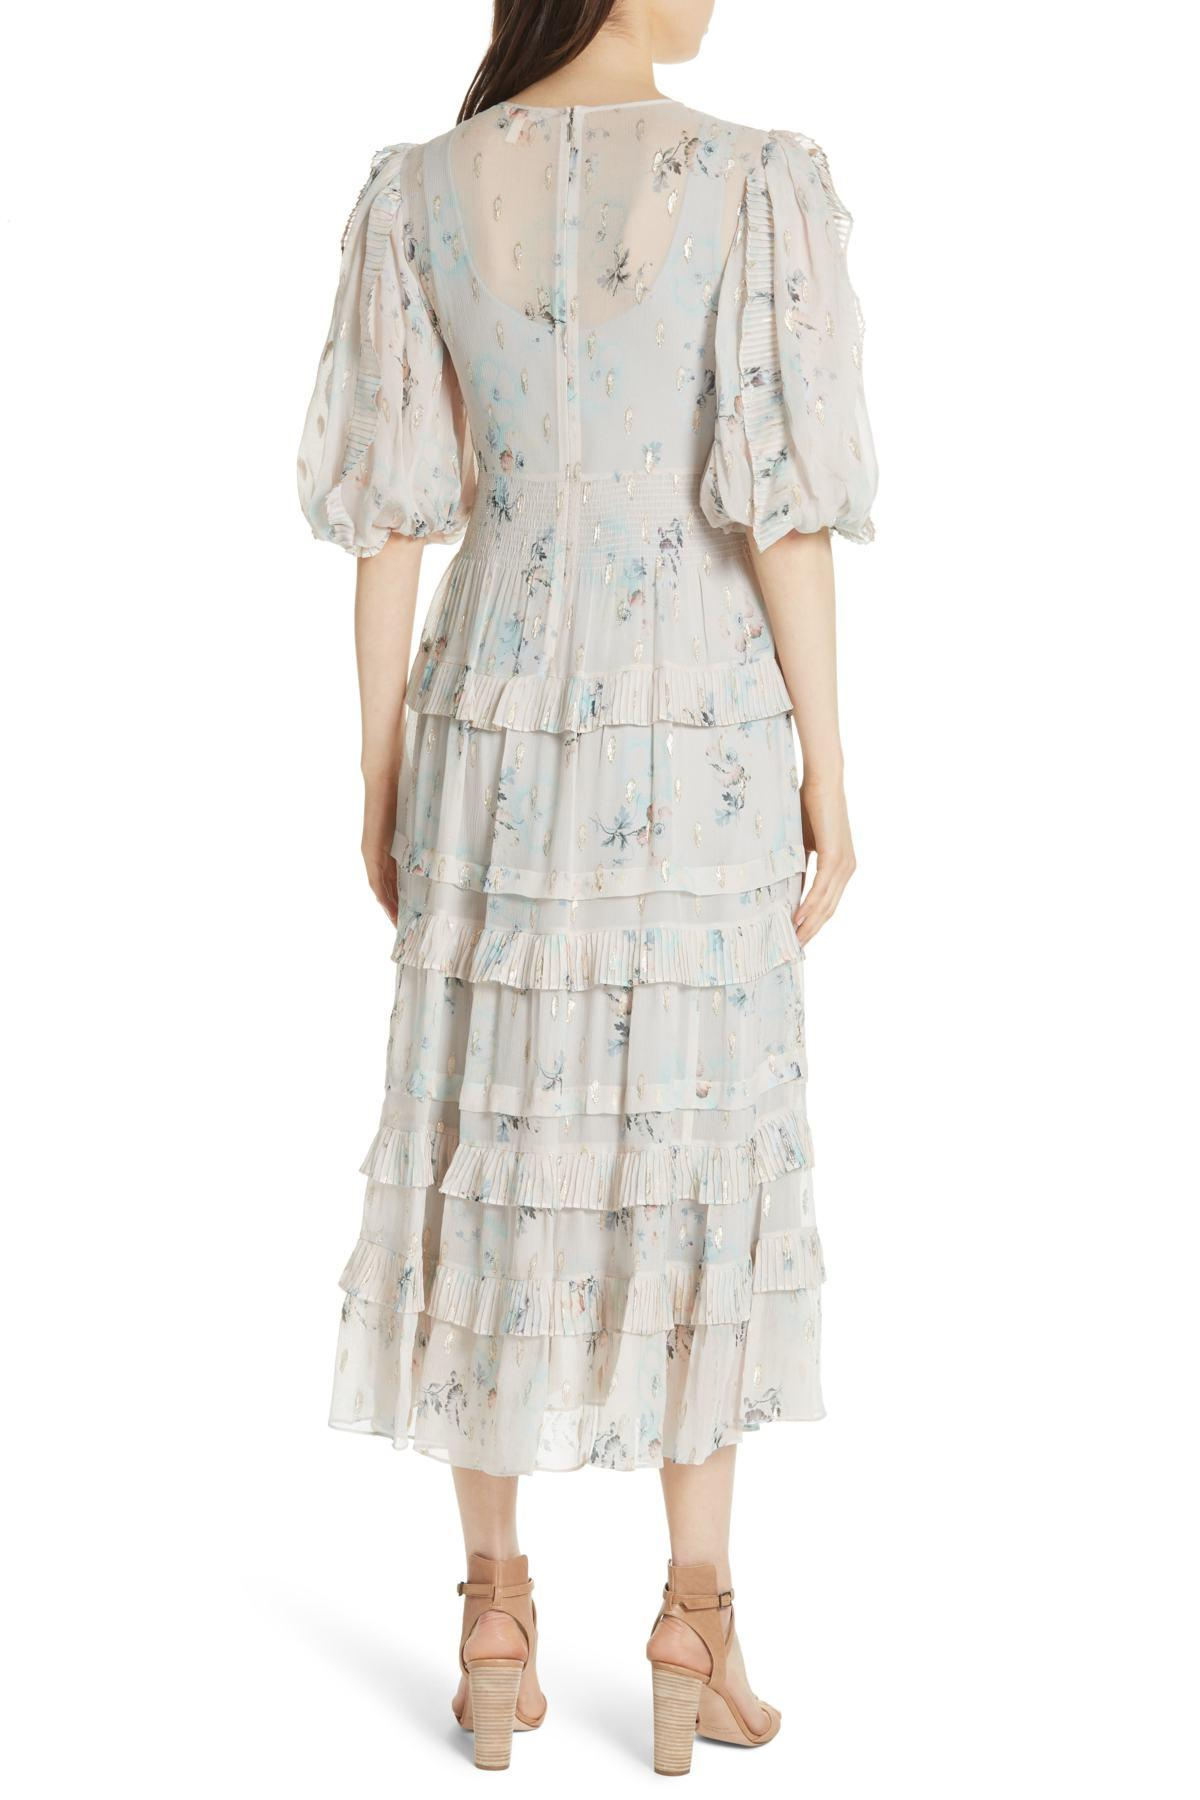 9f7c041c9 Lyst - Rebecca Taylor Metallic Faded Floral Midi Dress